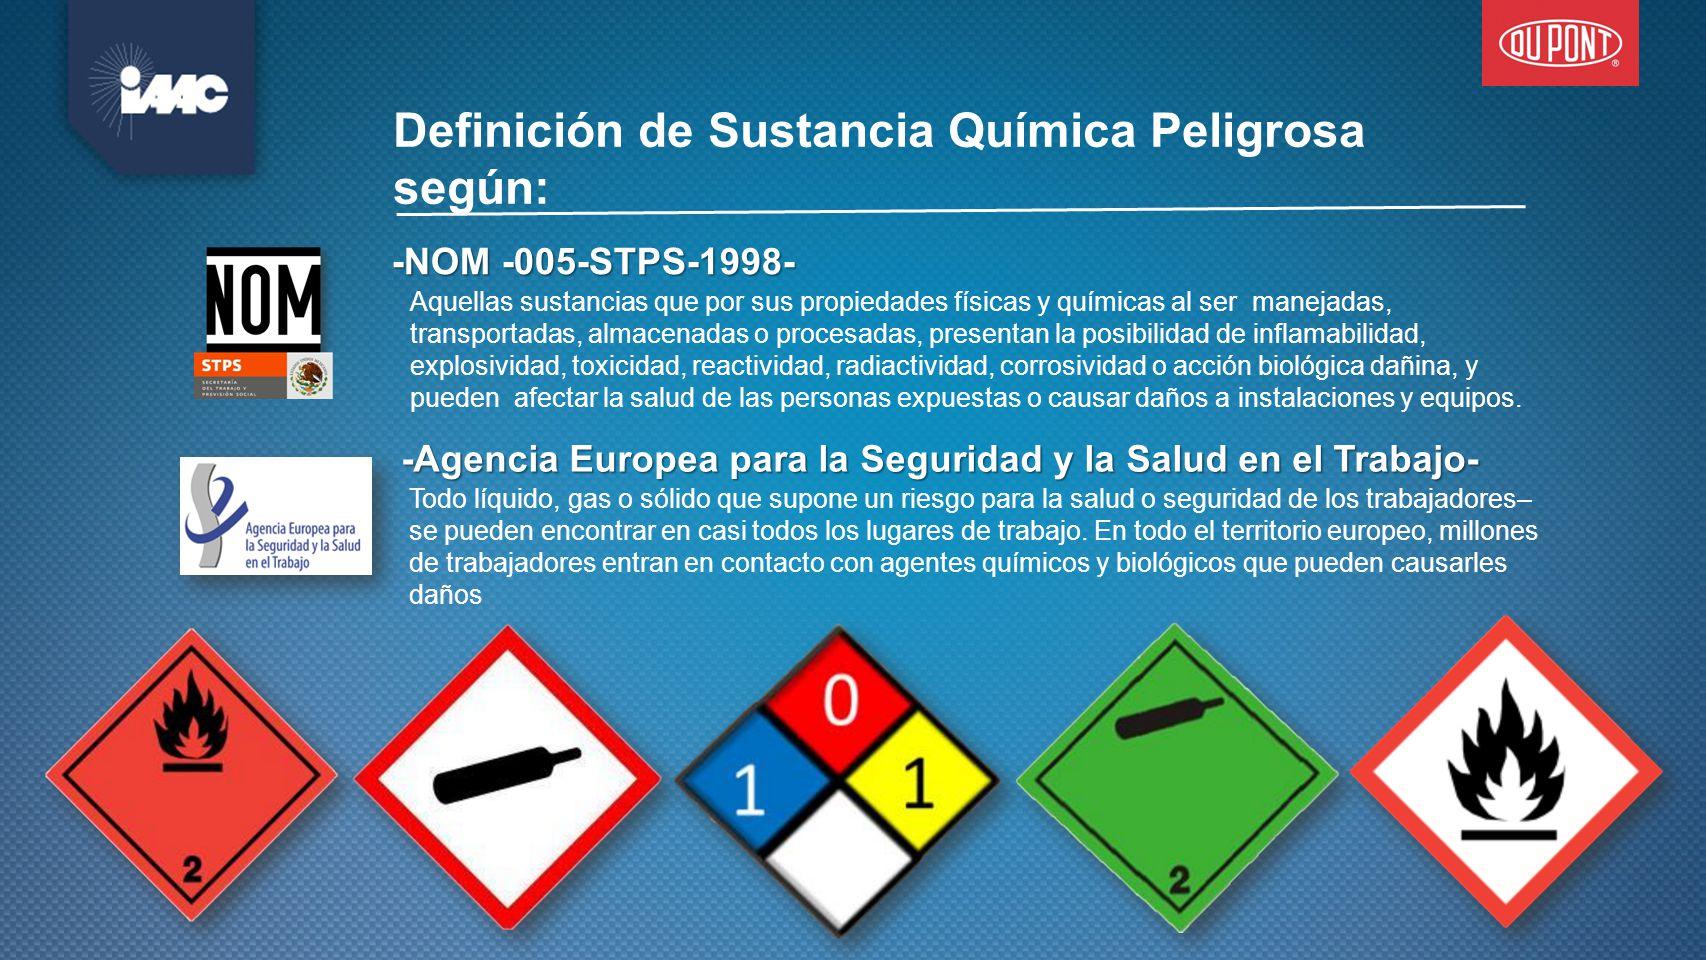 Definición de Sustancia Química Peligrosa según: